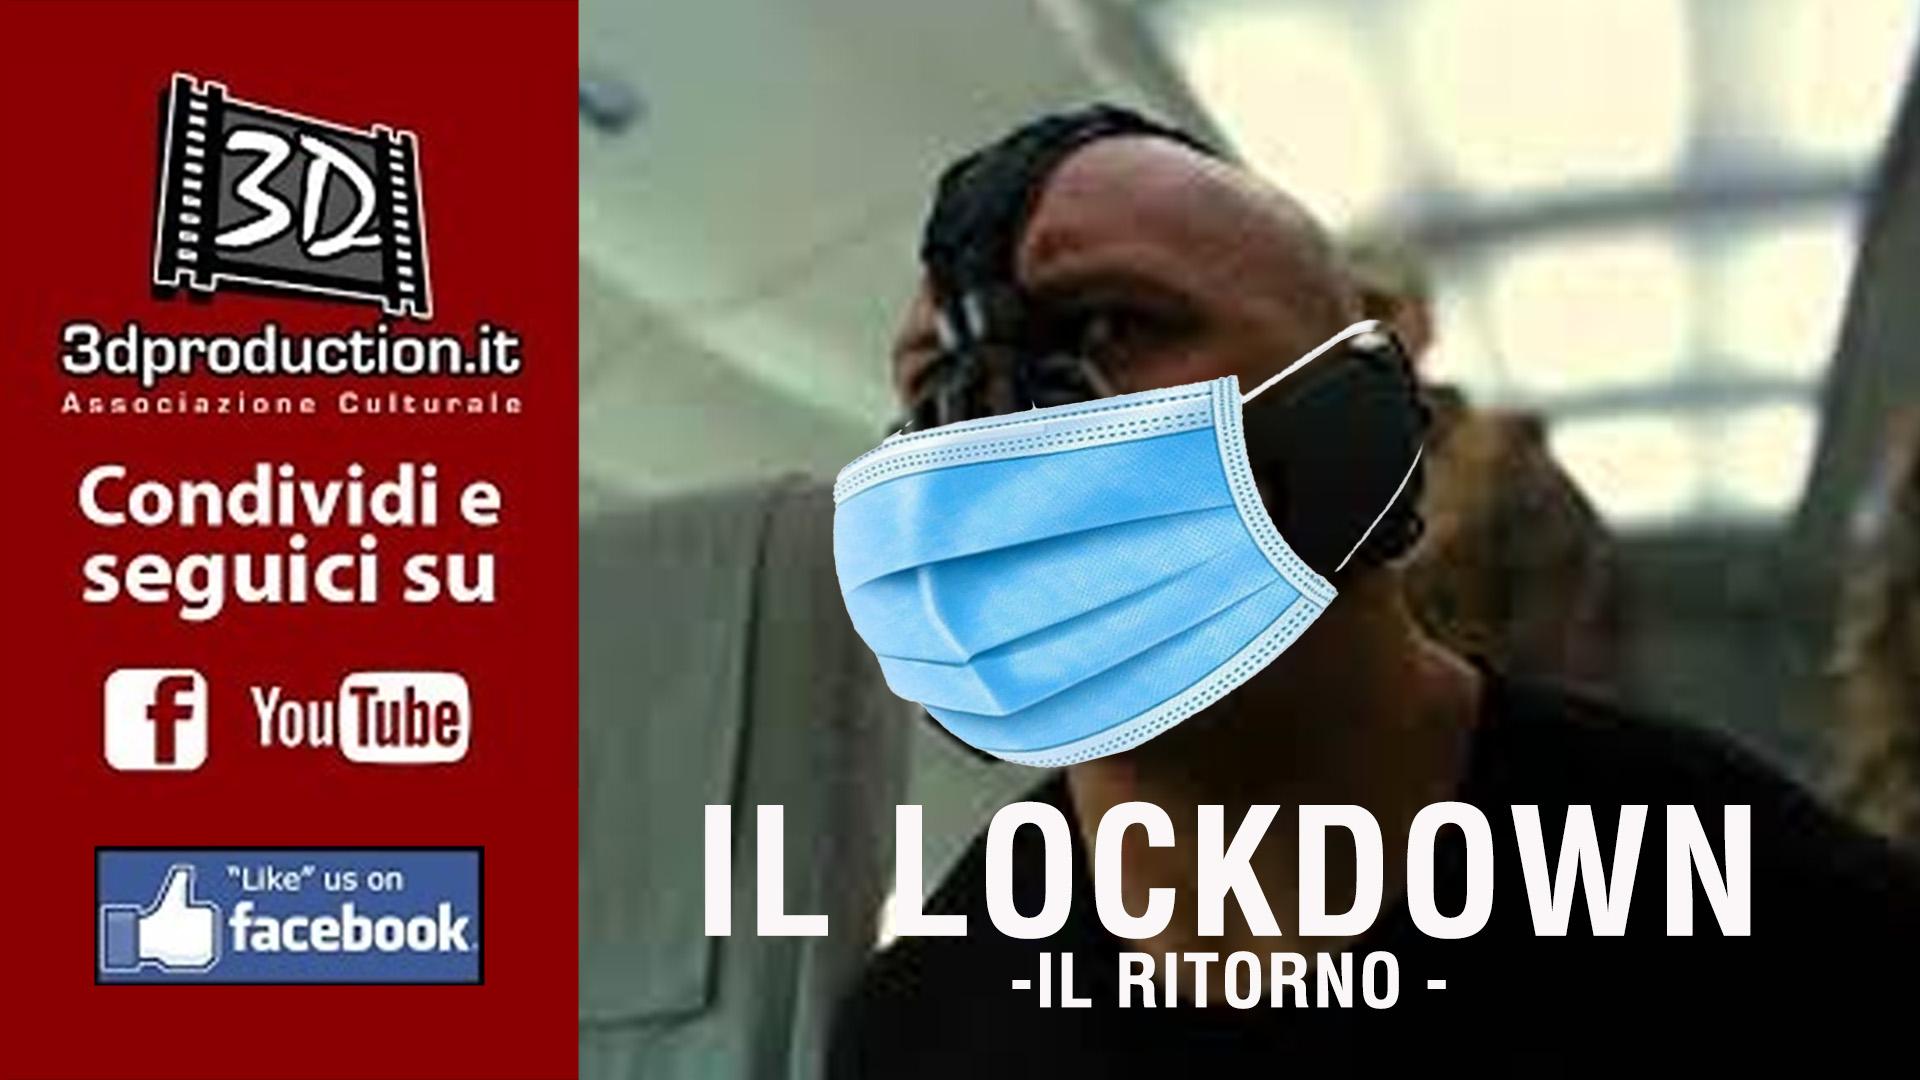 IL LOCKDOWN - il ritorno